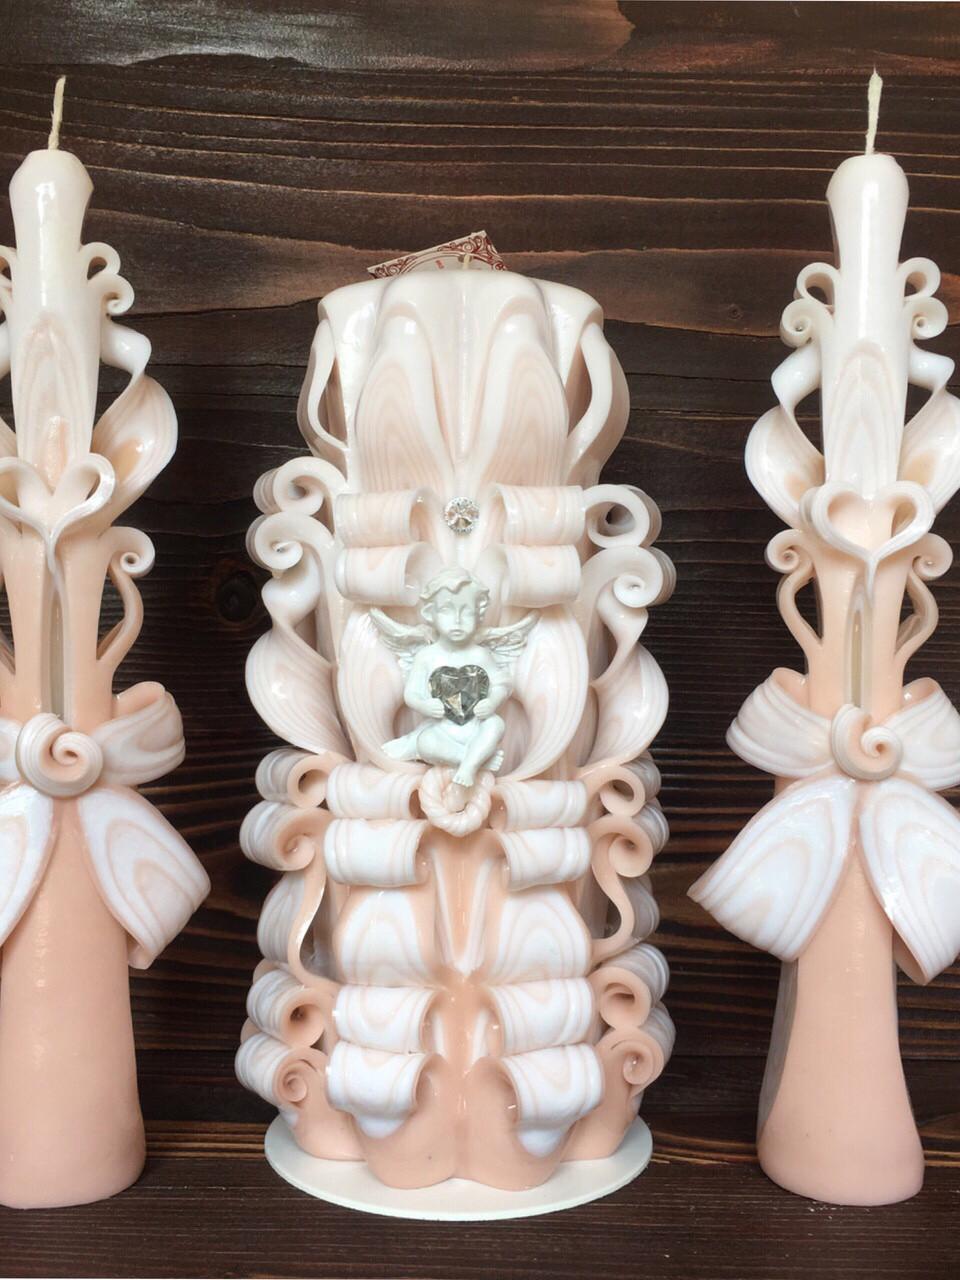 Набор свечей для свадьбы, центральная свеча большая восьмигранная и две тонкие свечи для родителей